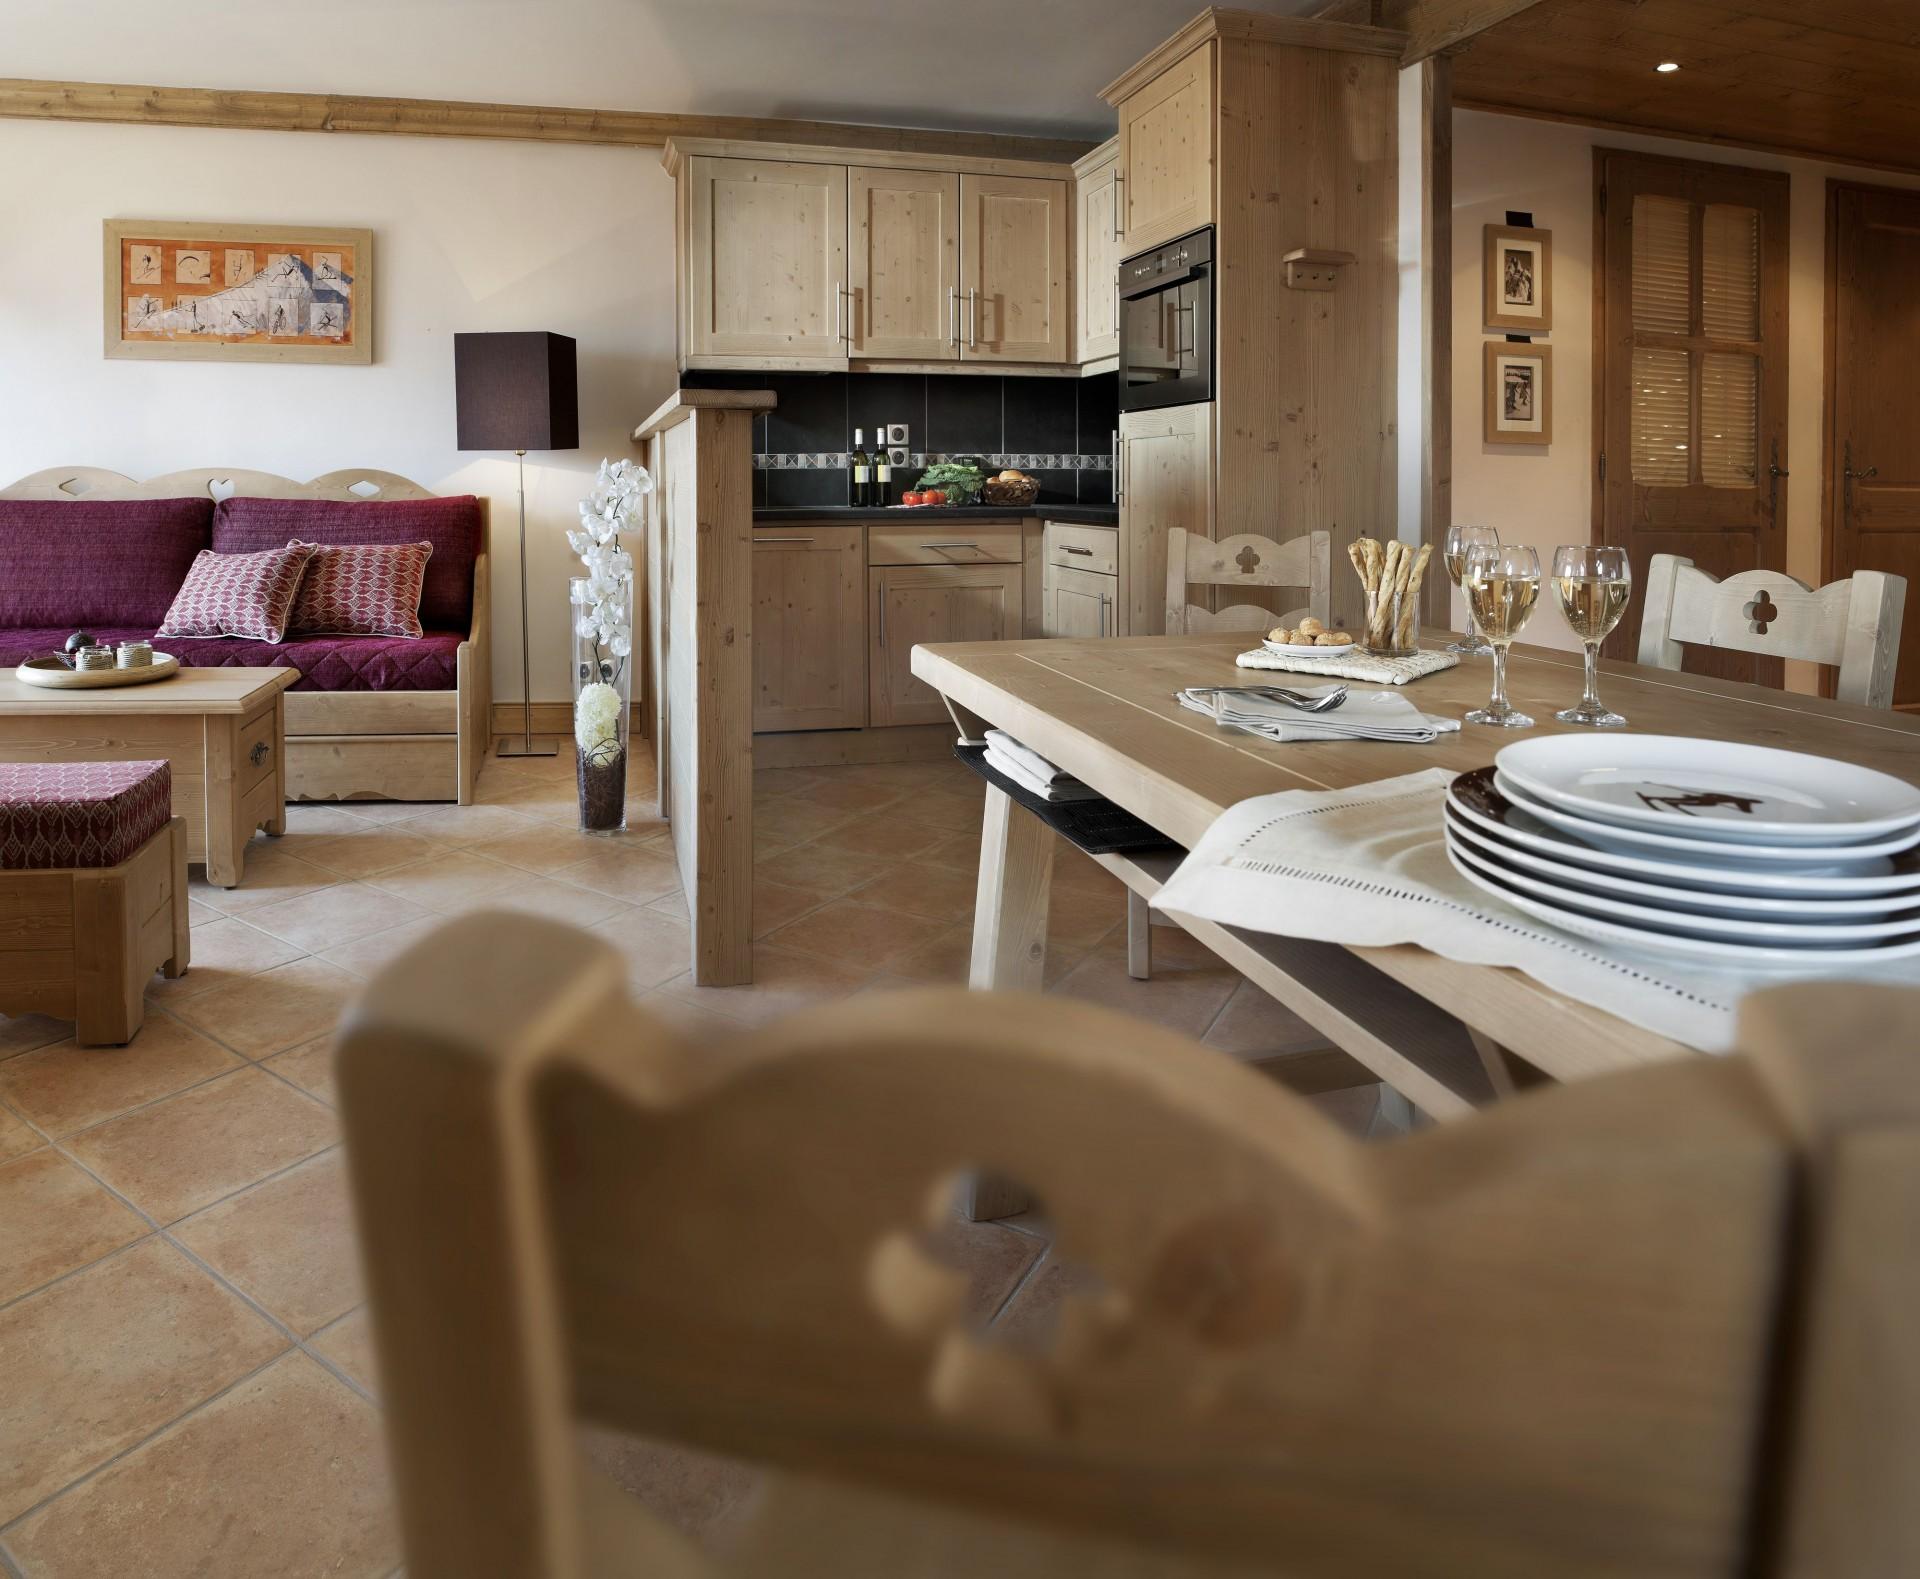 Les Carroz D'Araches Location Appartement Luxe Lilalite Cuisine